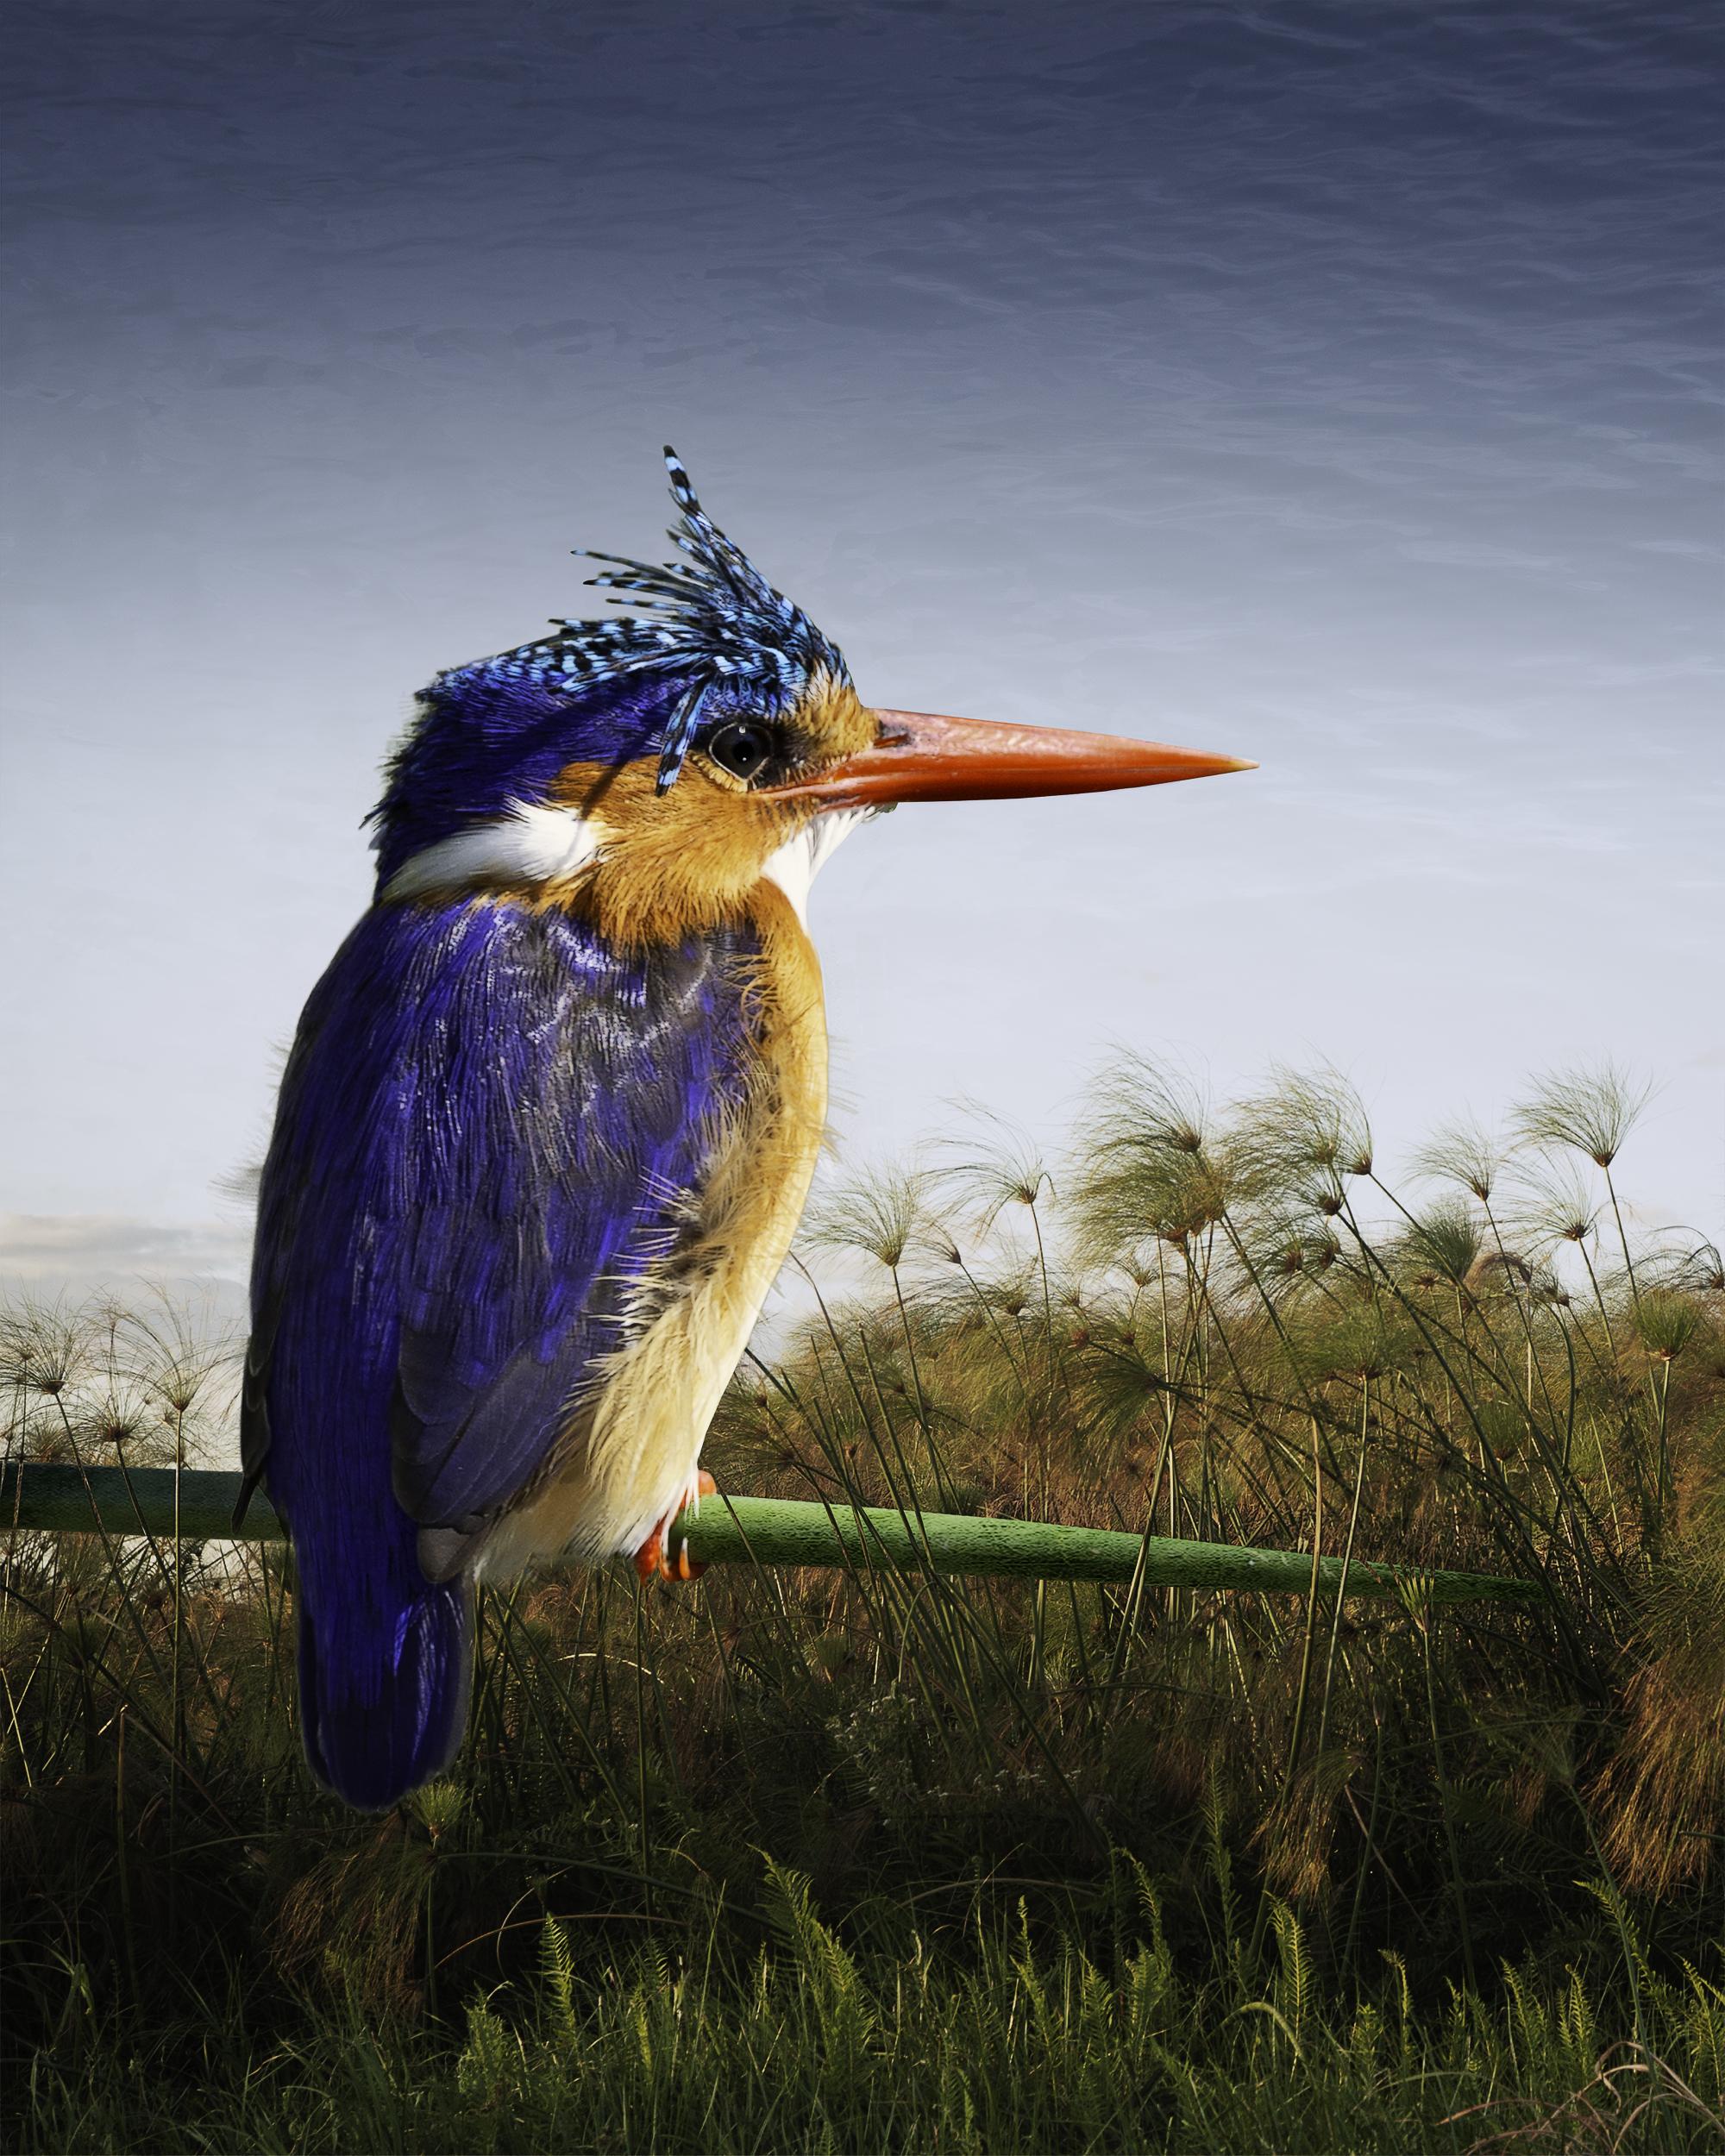 malachite kingfisher  ©2016